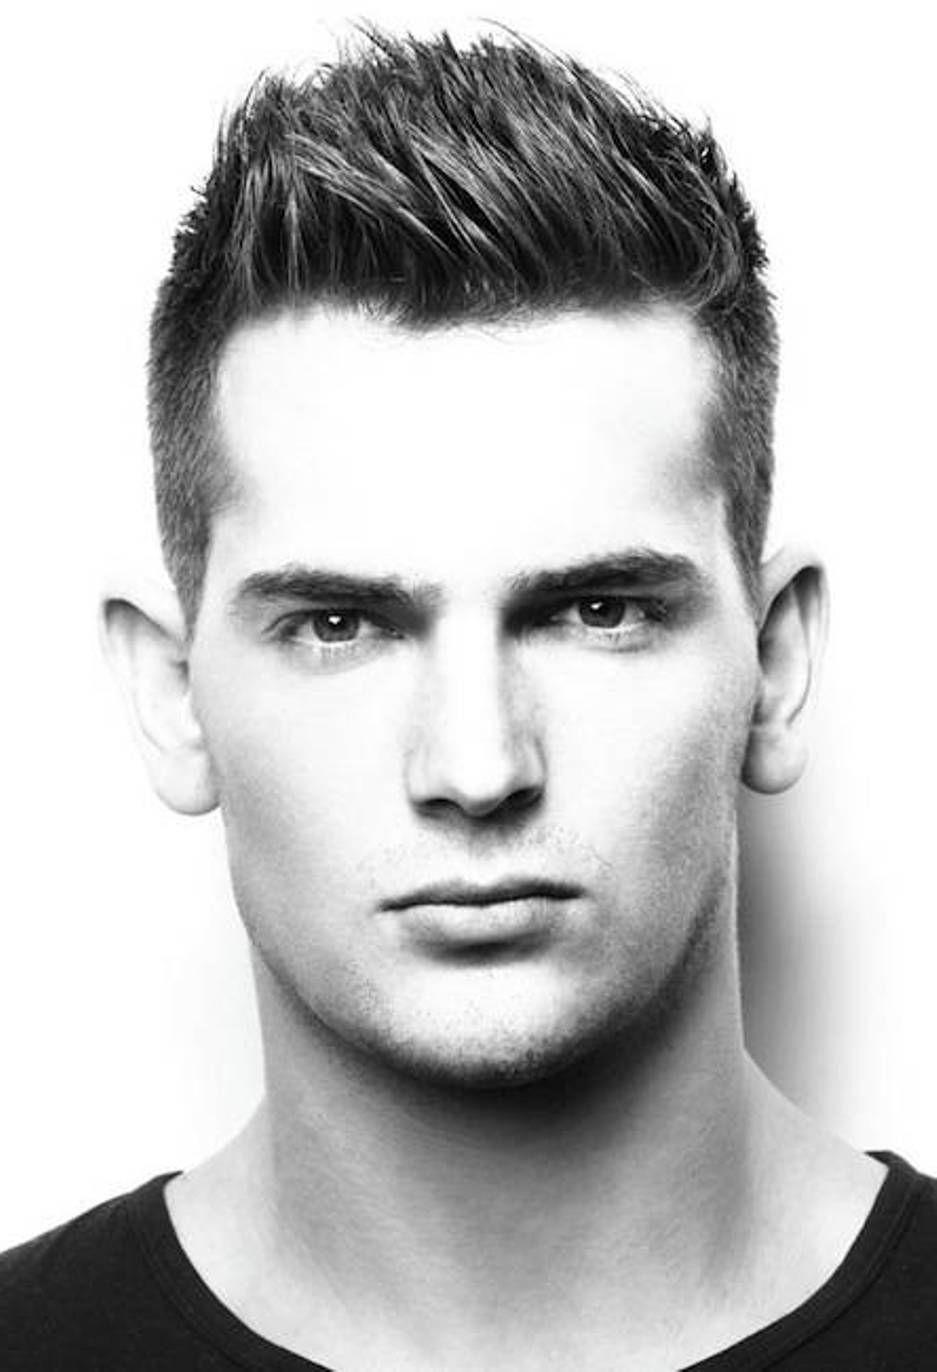 Short Hairstyles For Men 2015 Men Short Hairstyle Tips Http Wwwpremiumgradehaircom Men